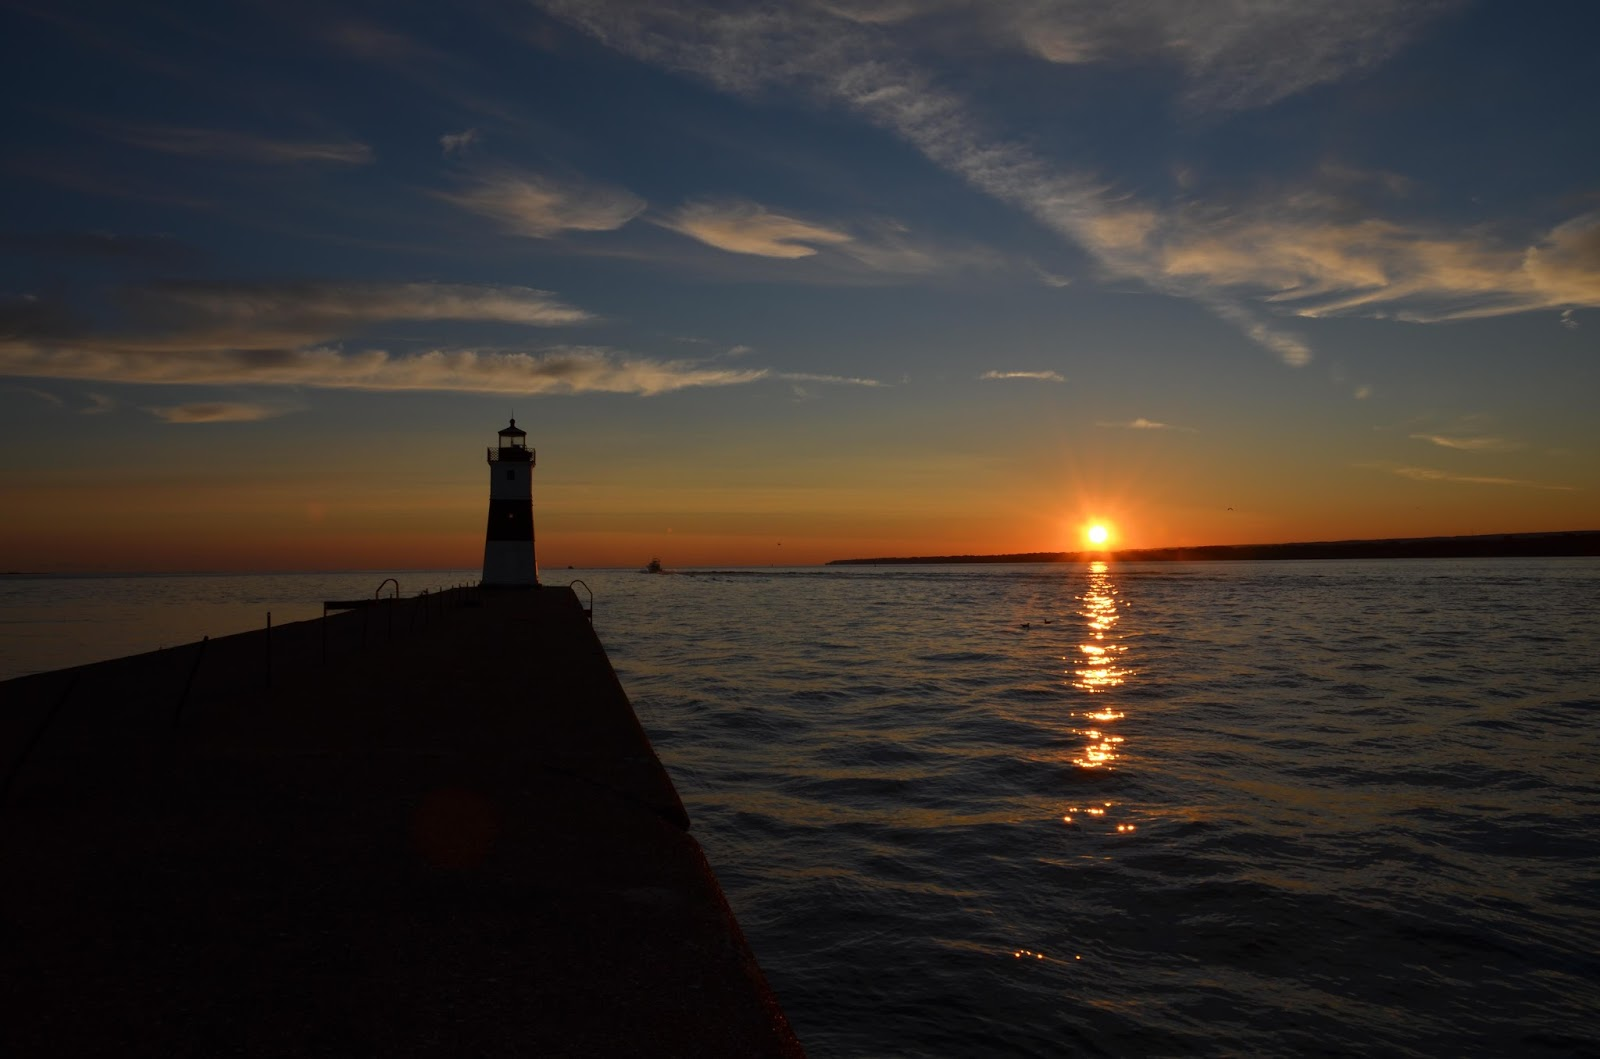 Manifest destiny pa pennsylvania 39 s lake erie lighthouses for Lake erie pier fishing